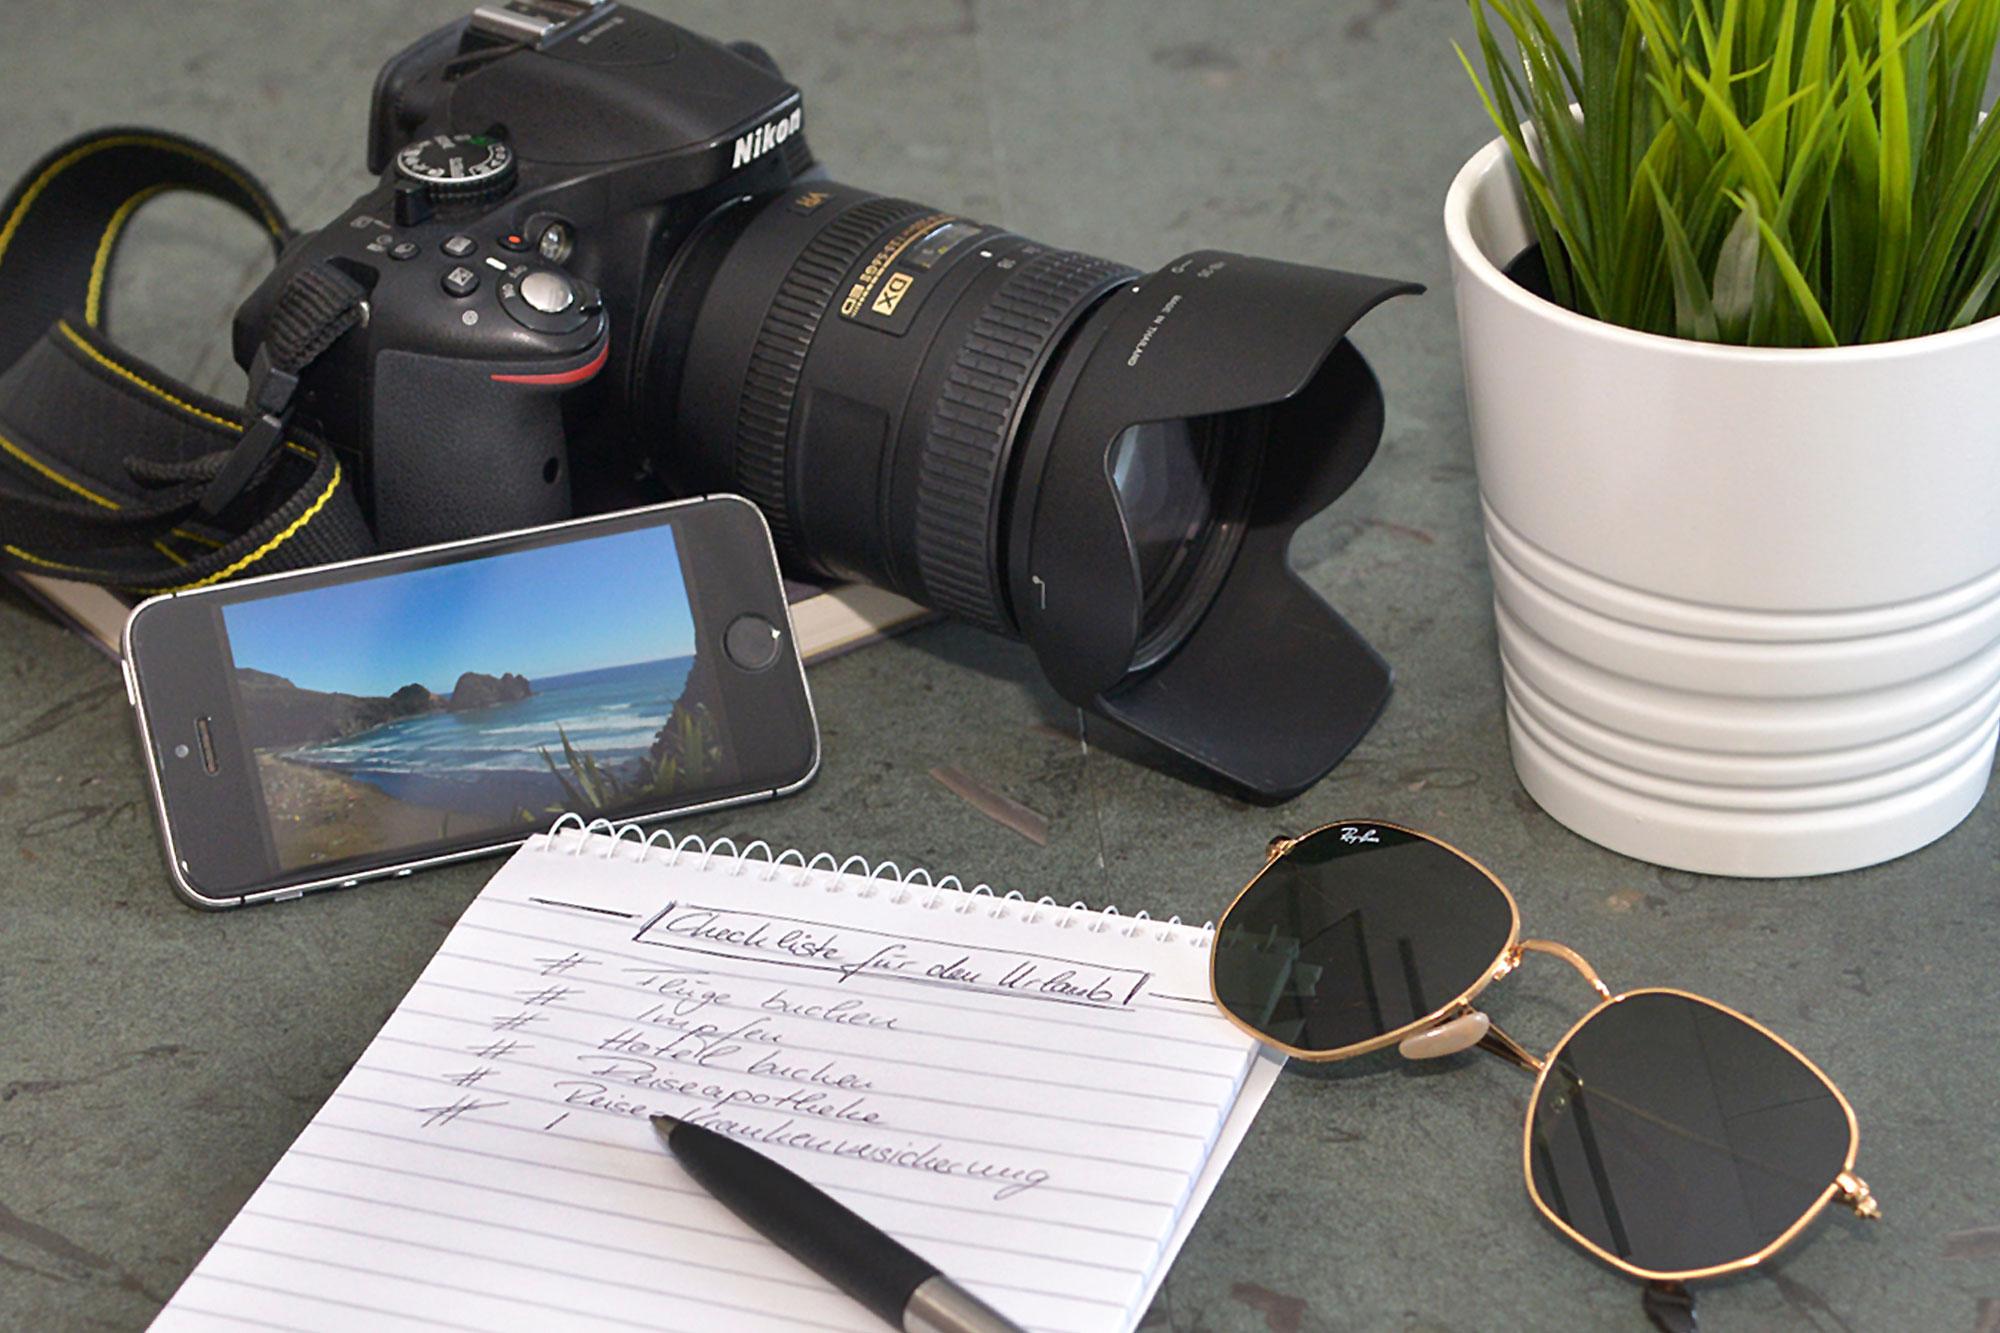 Eine Checkliste vor dem Urlaub ist empfehlenswert (Foto: Thomas Weinstock/Kreis Soest)